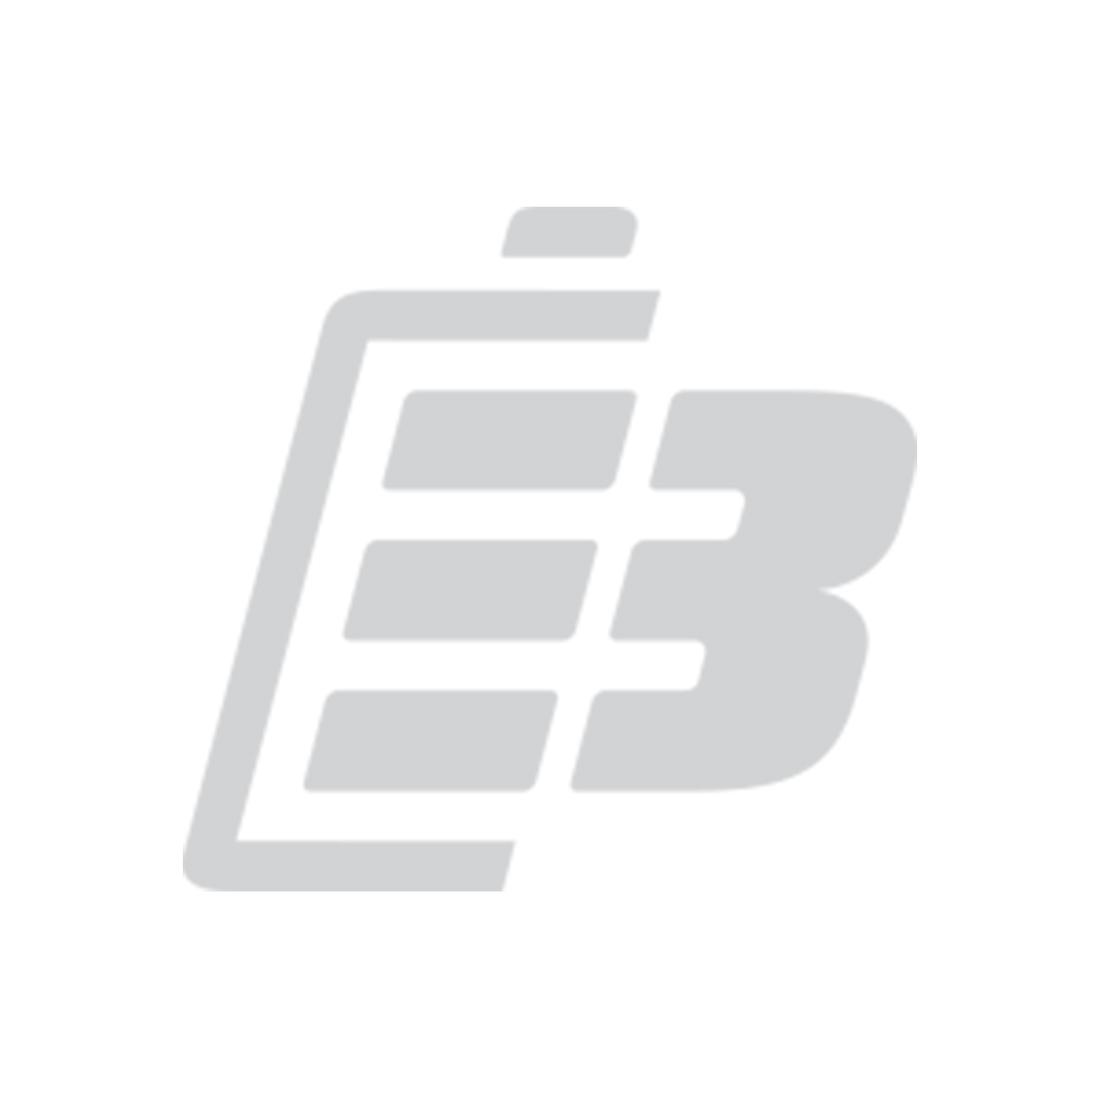 Μπαταρία βιντεοκάμερας Toshiba Camileo S30_1